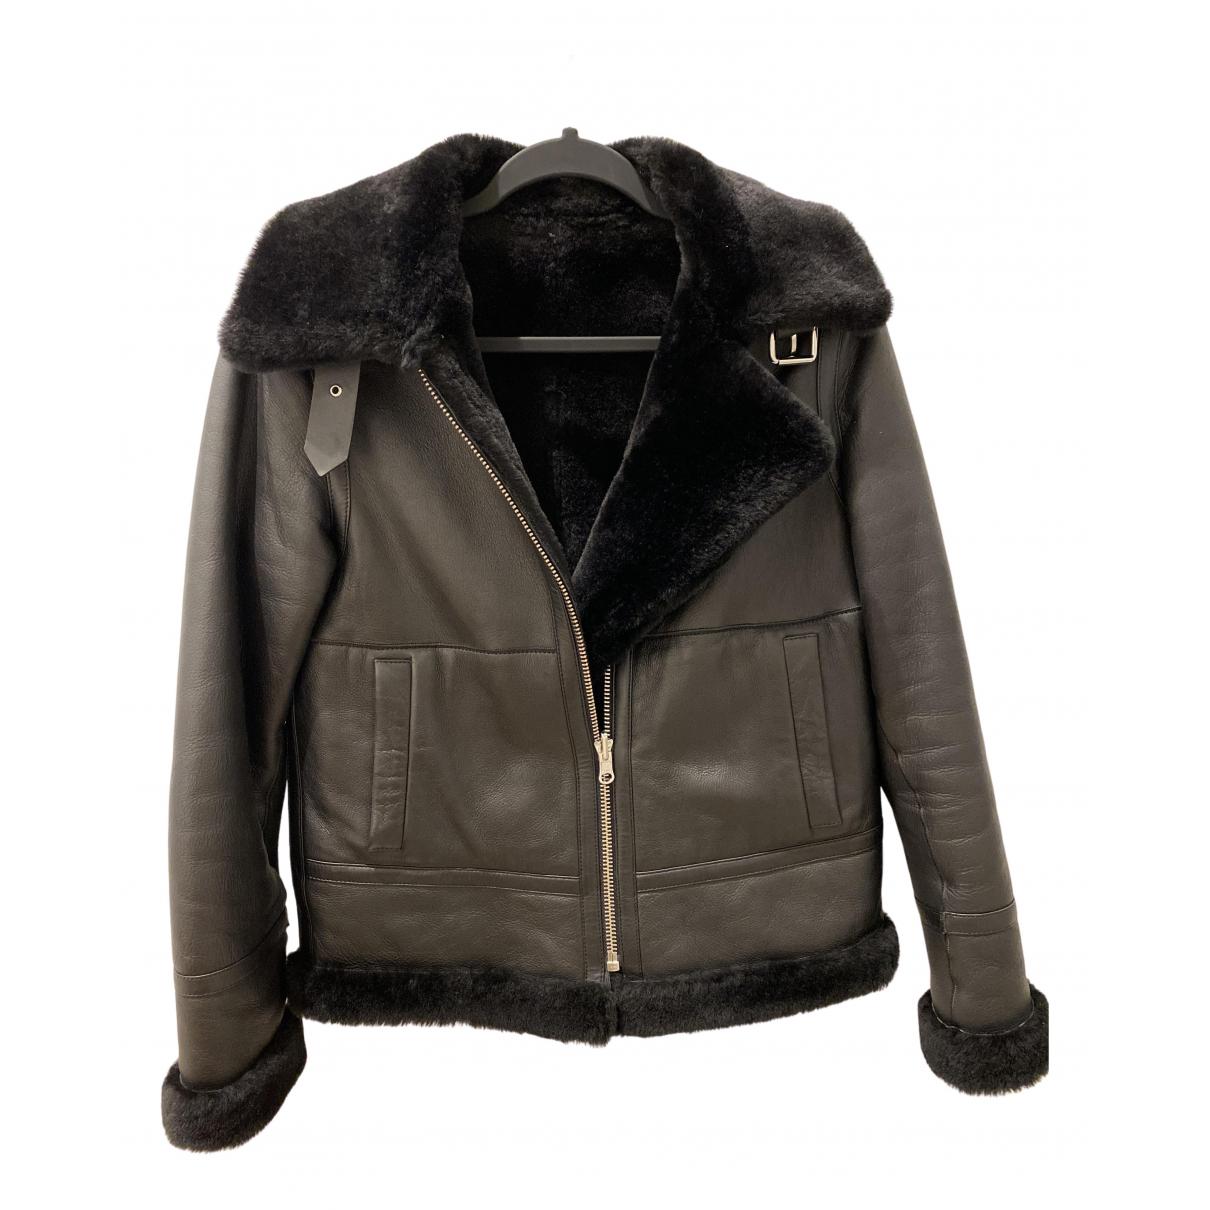 Reiss - Manteau   pour femme en cuir - noir